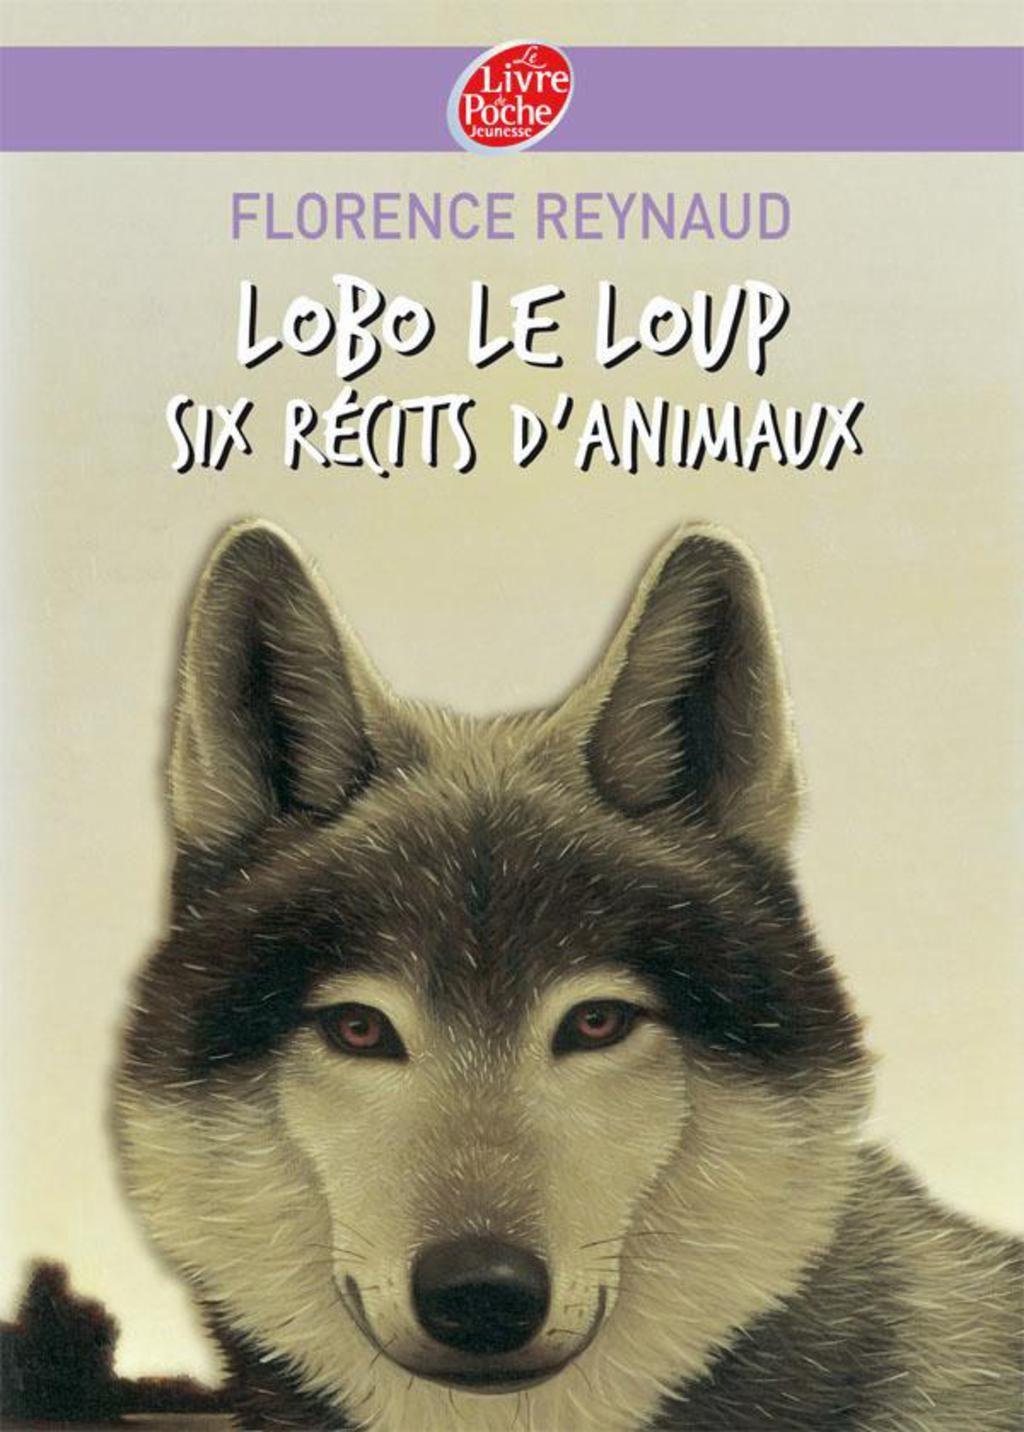 Lobo Le Loup